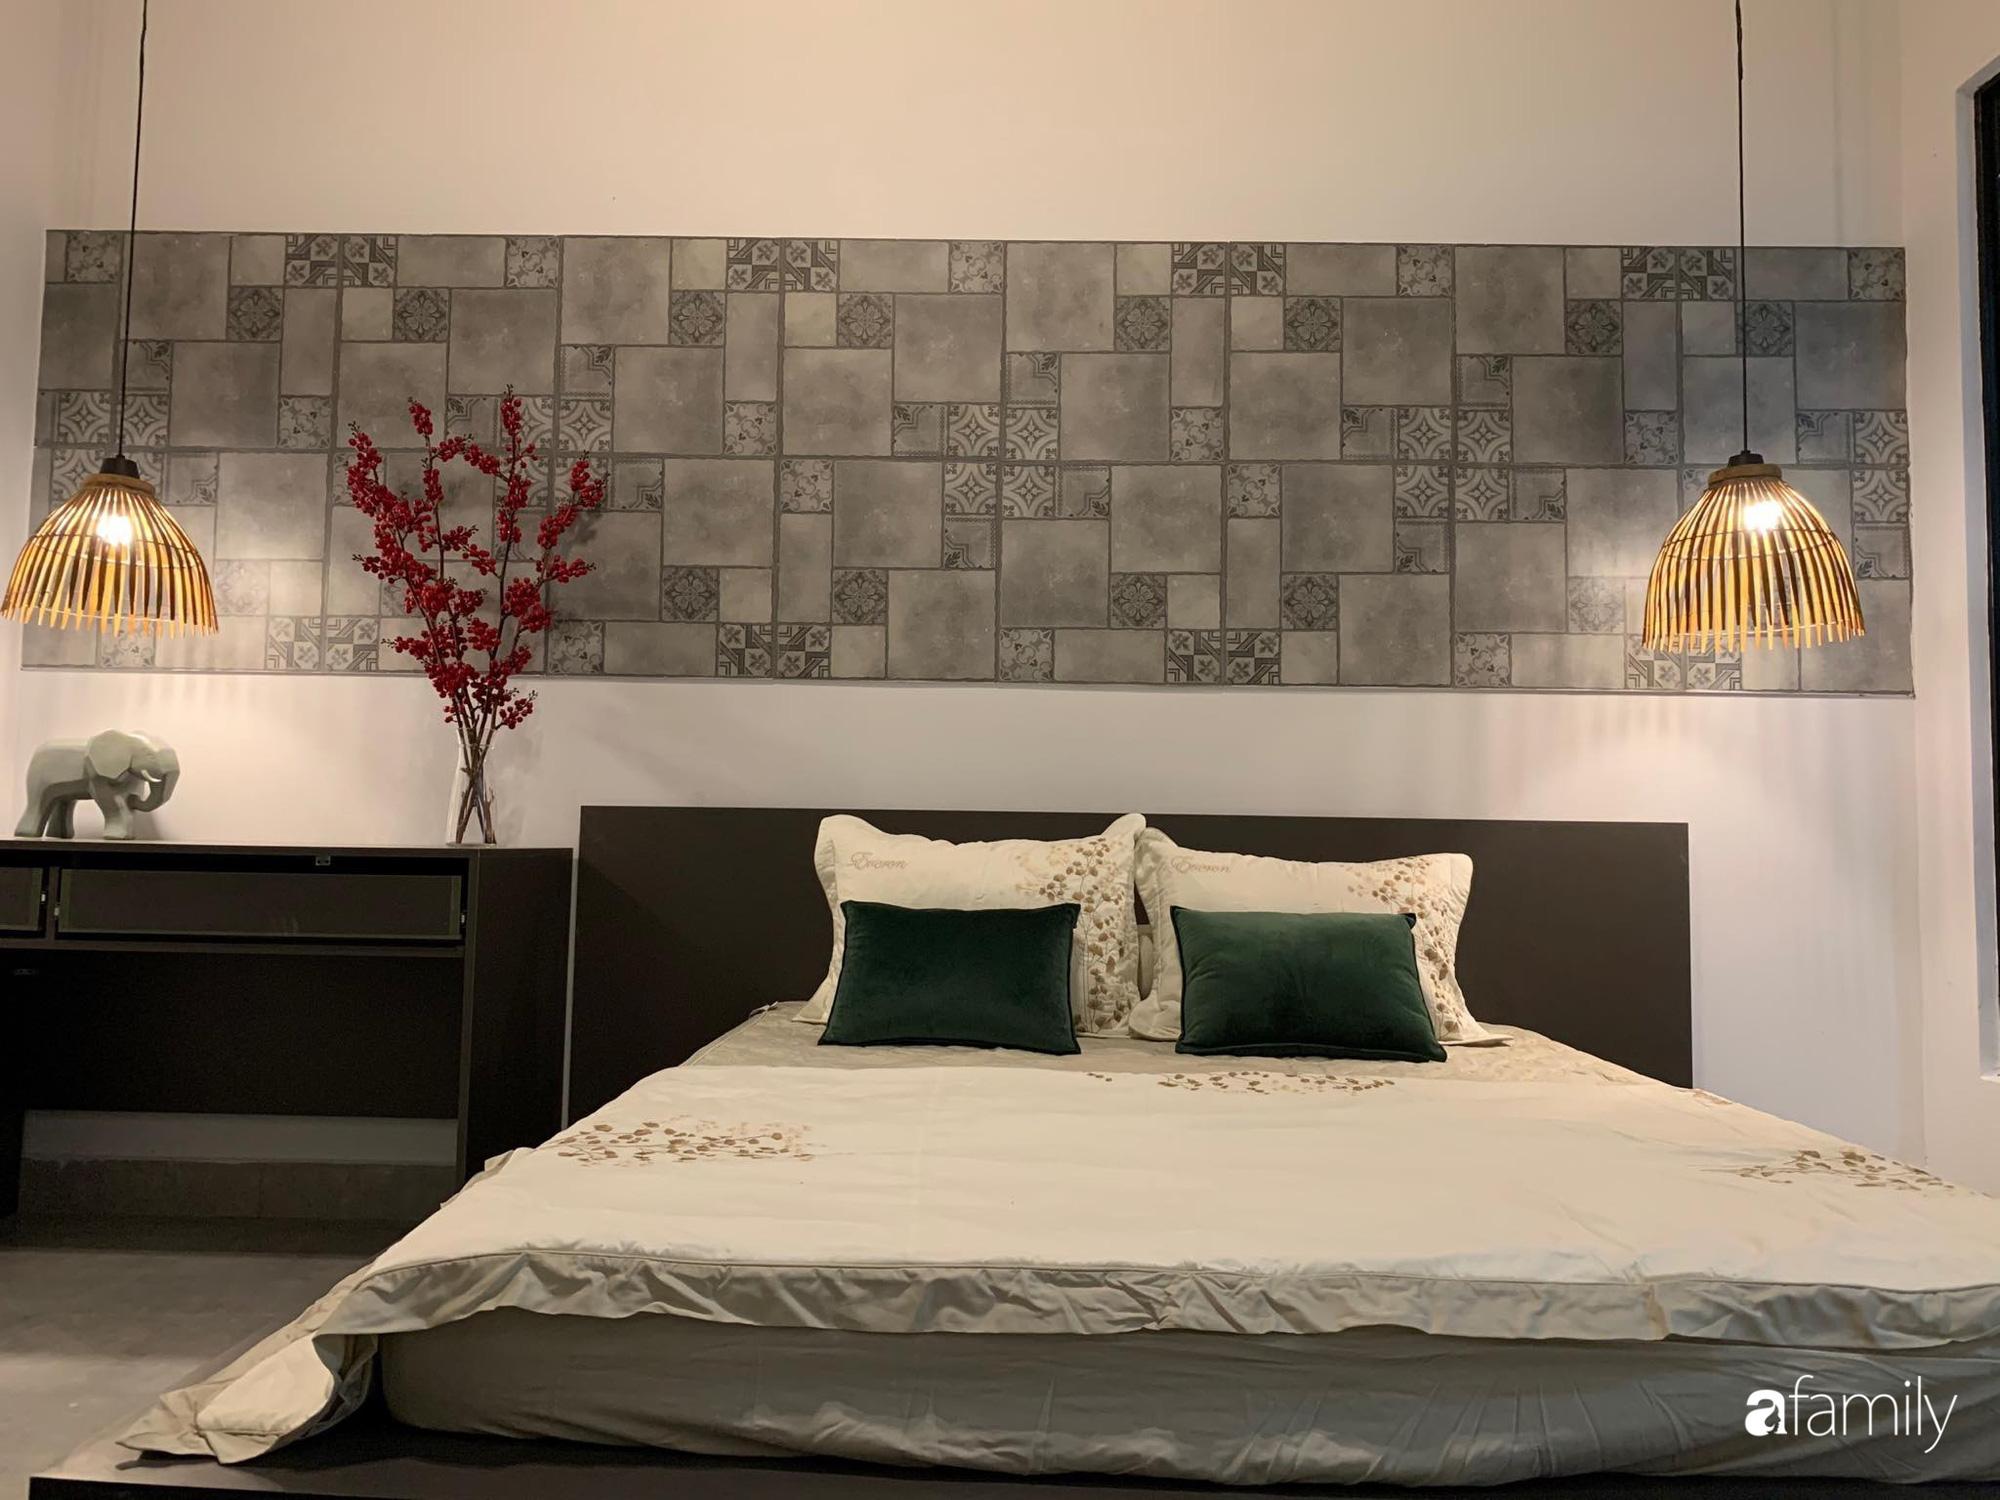 Ngôi nhà rộng 147m2 đẹp như resort củ chàng tri 24 tuổi ấp ủ hoàn thành ước mơ ở Tây Ninh - Ảnh 15.